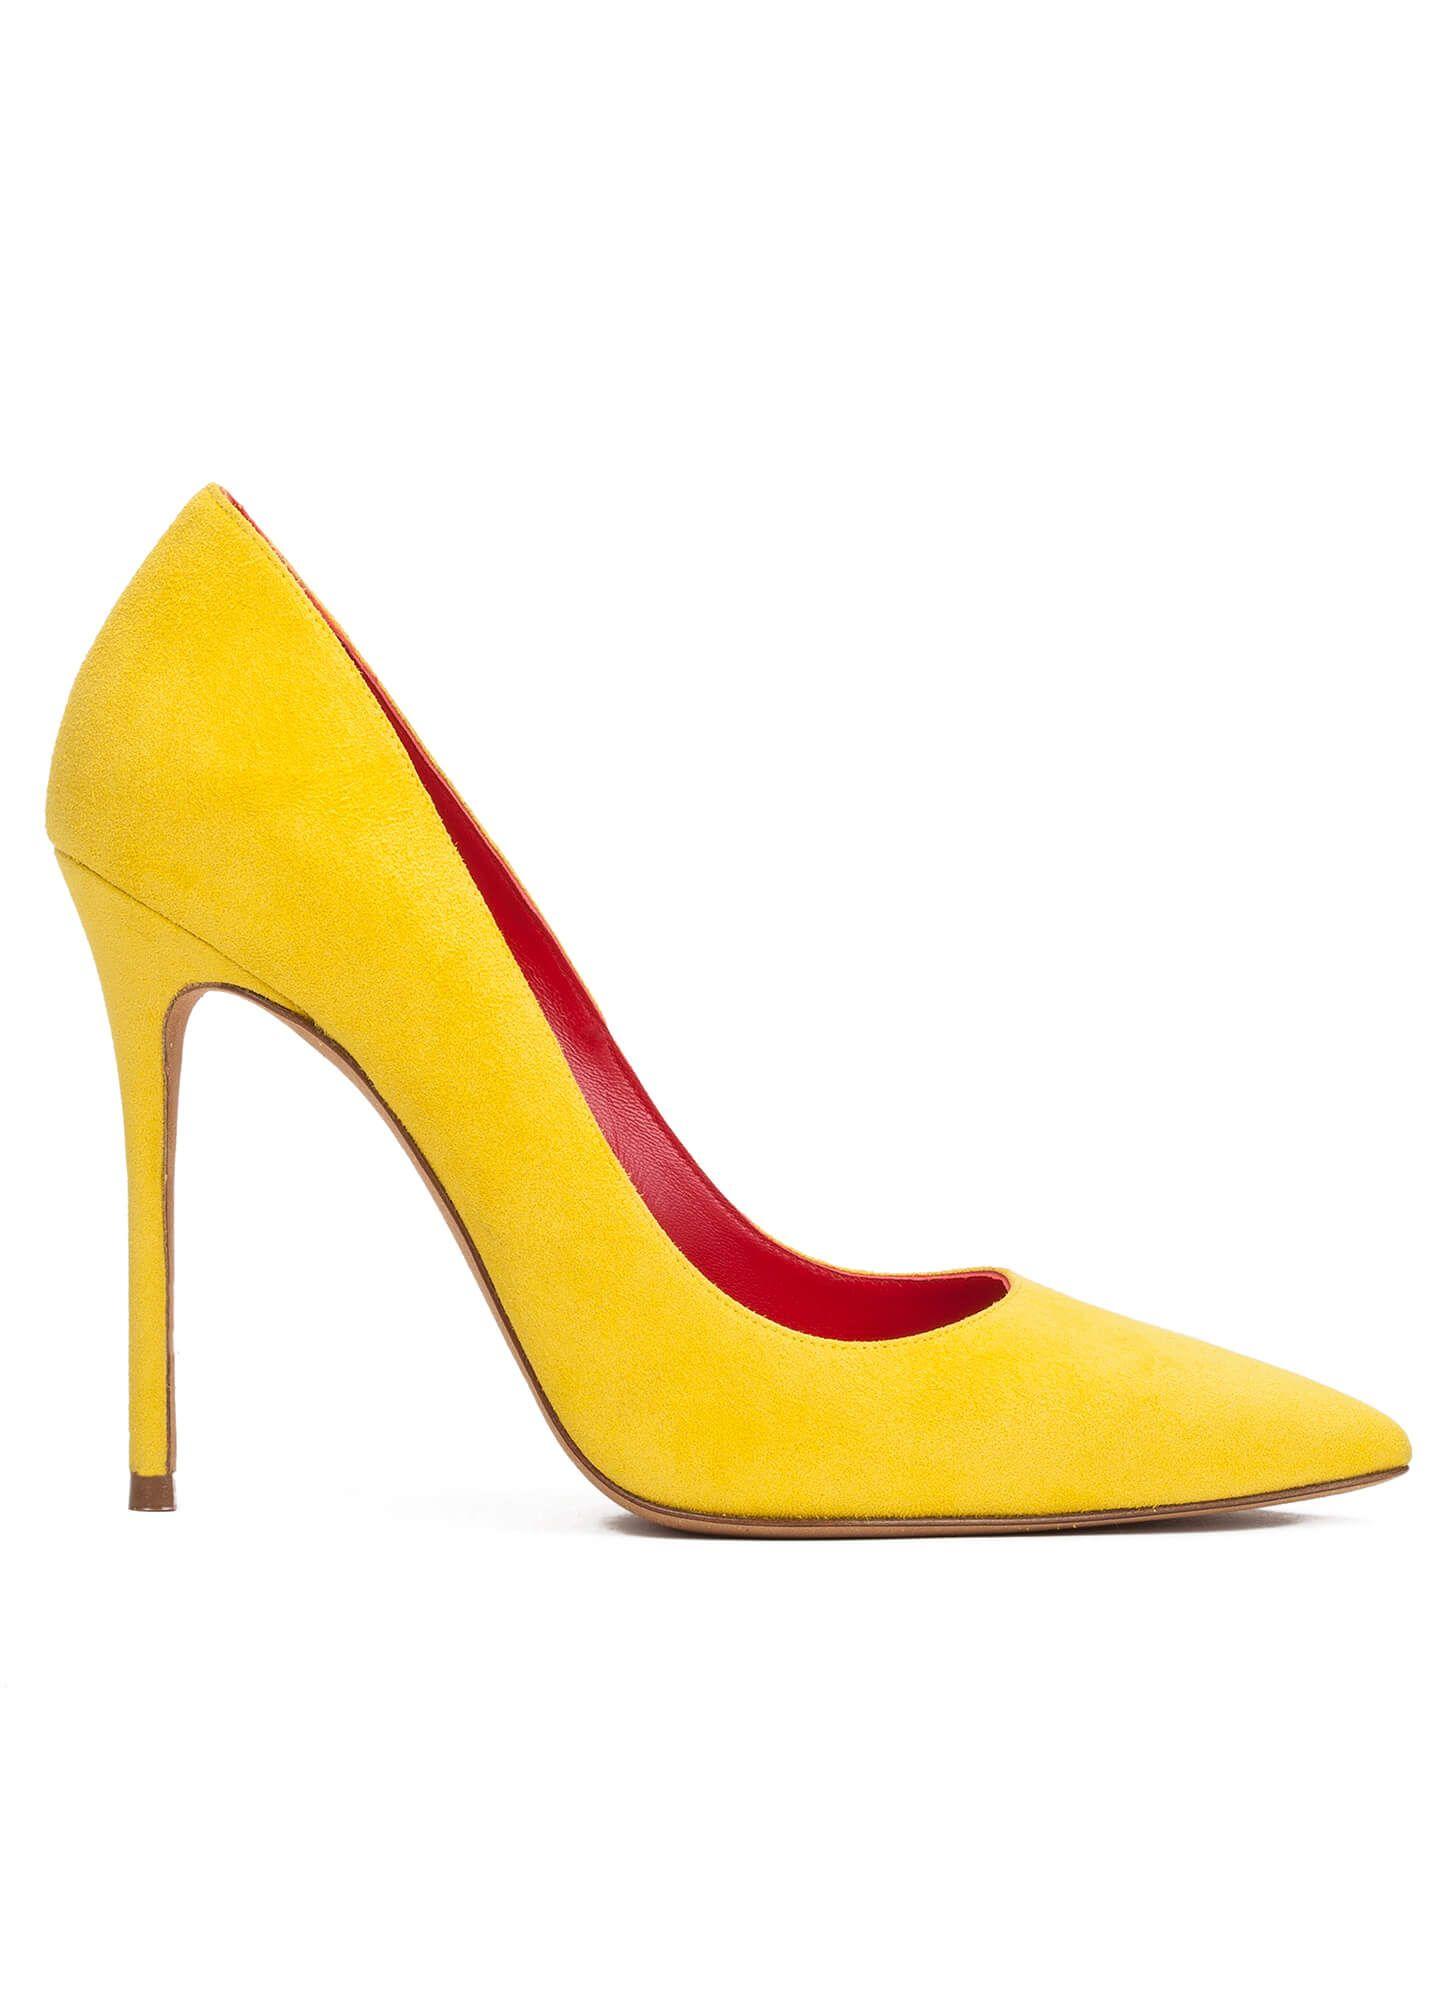 020606f7 Yellow stilettos - Zapatos de salón en ante amarillo - tienda de zapatos  Pura López · PURA LOPEZ